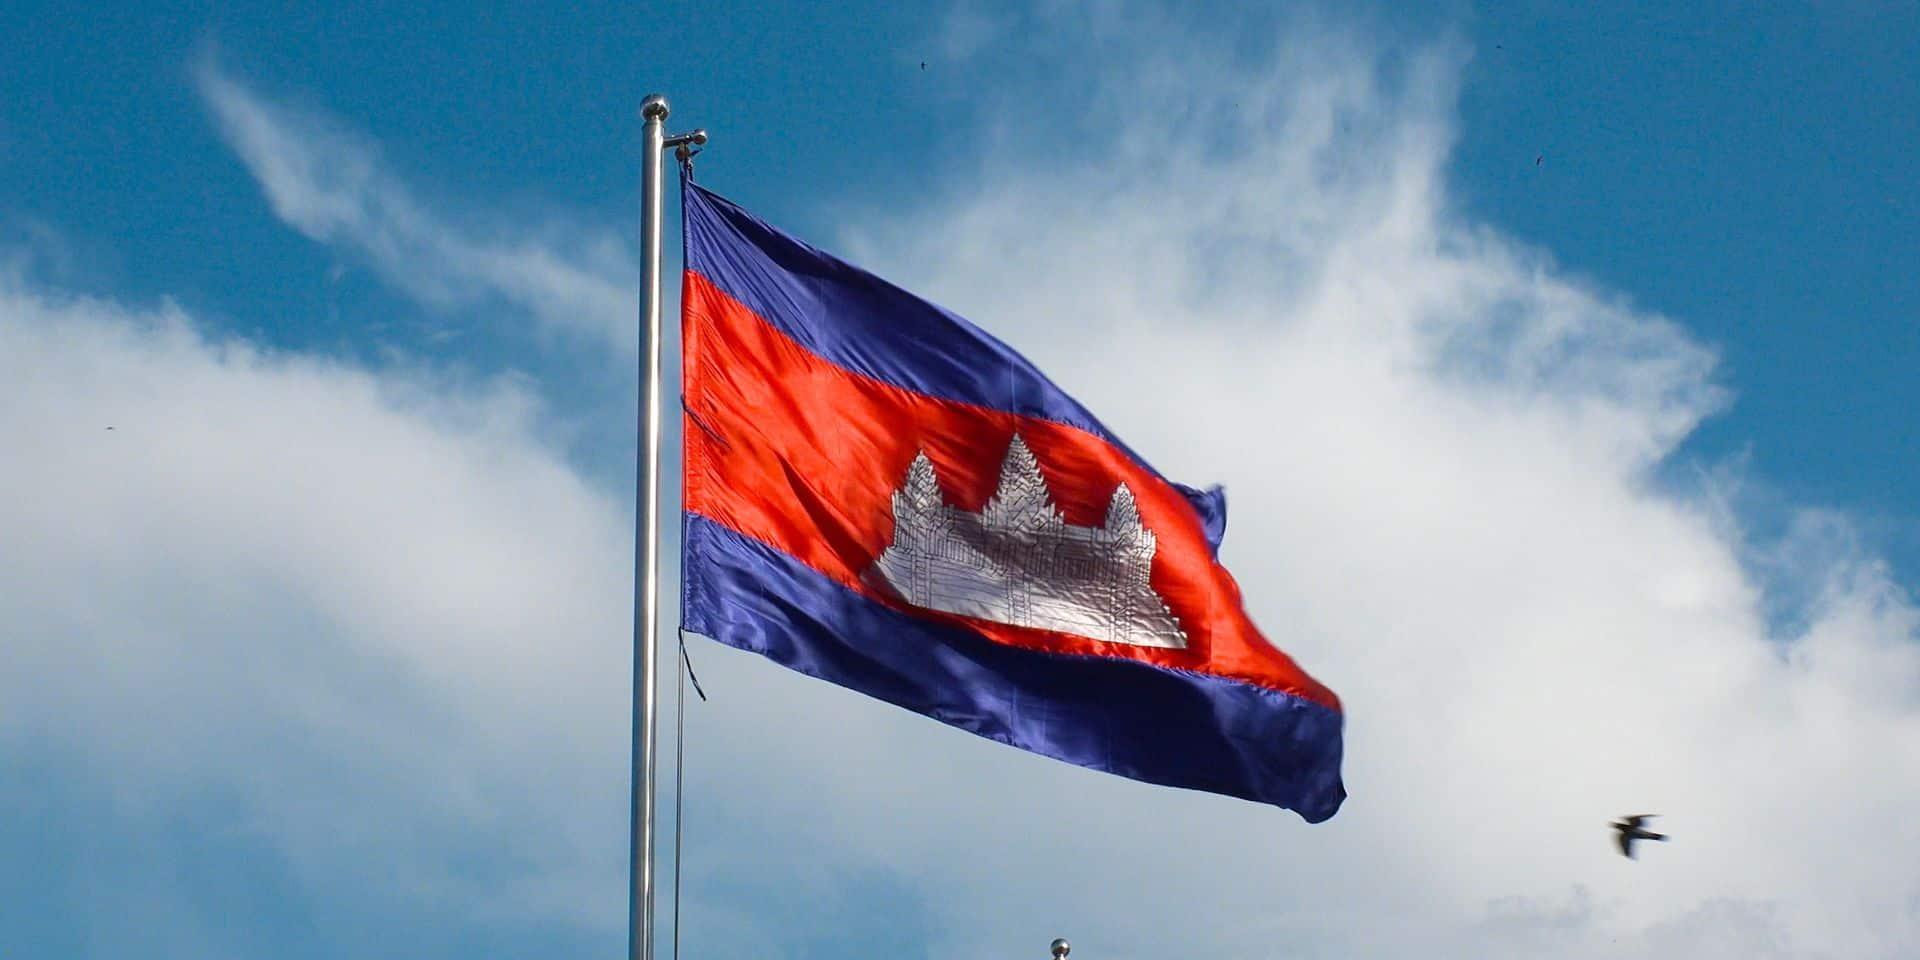 Le Cambodge a extrait les premières gouttes de pétrole de son histoire